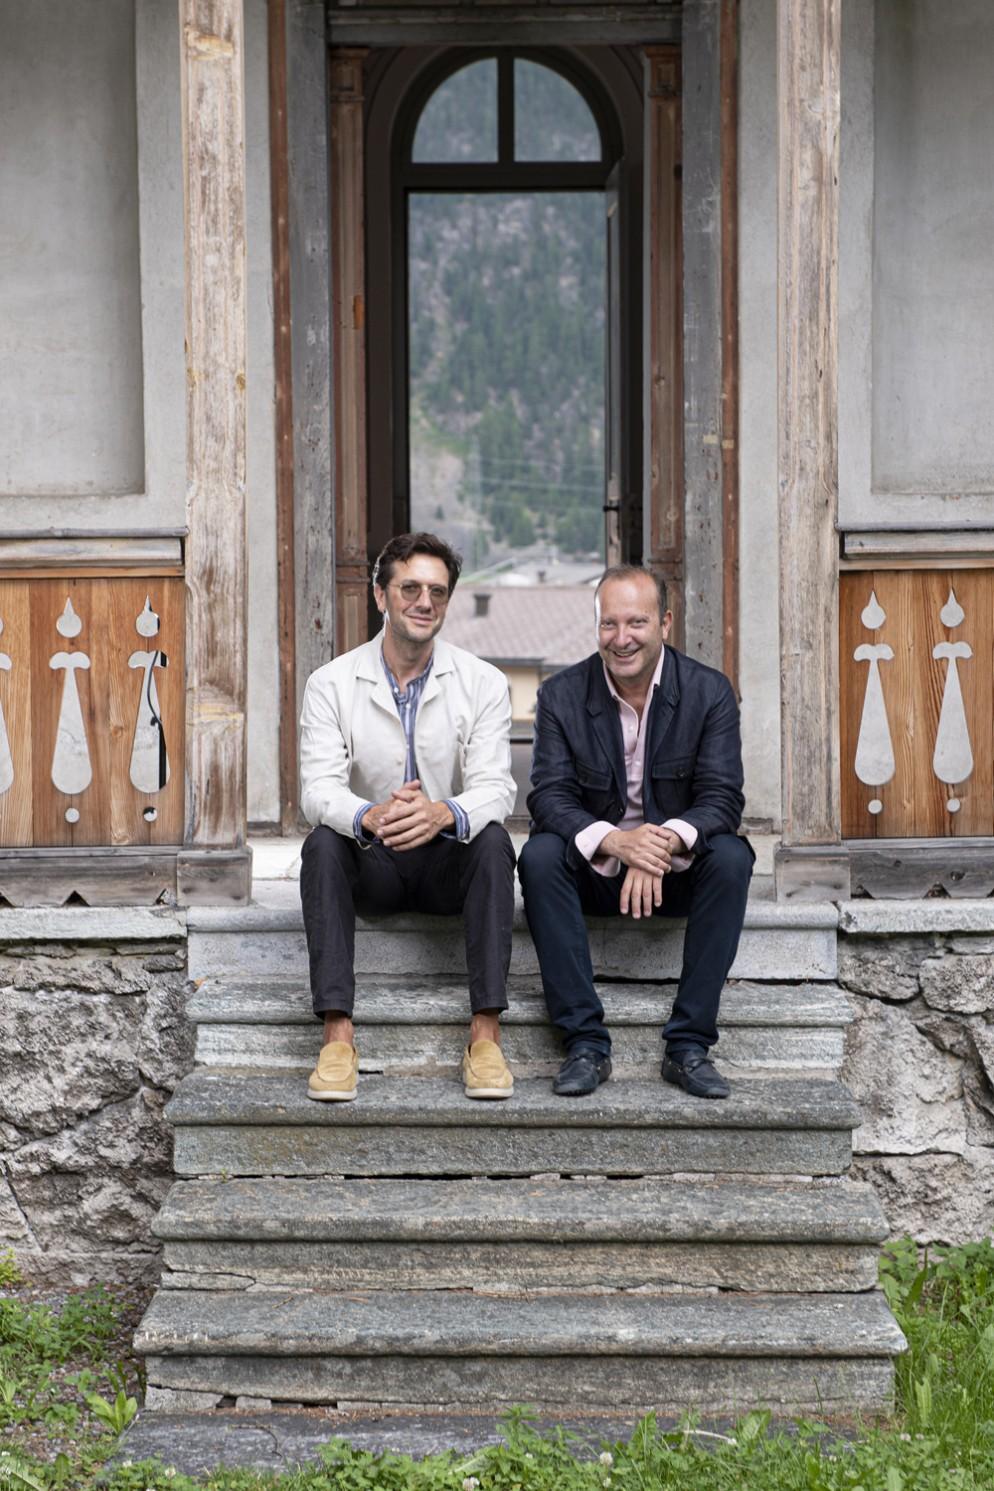 04_PS_NOMAD Summer Edition 2021 St. Moritz_NICOLAS BELLAVANCE-LECOMPTE & GIORGIO PACE Portrait 2_photo credit J'adore ce que vous faites!